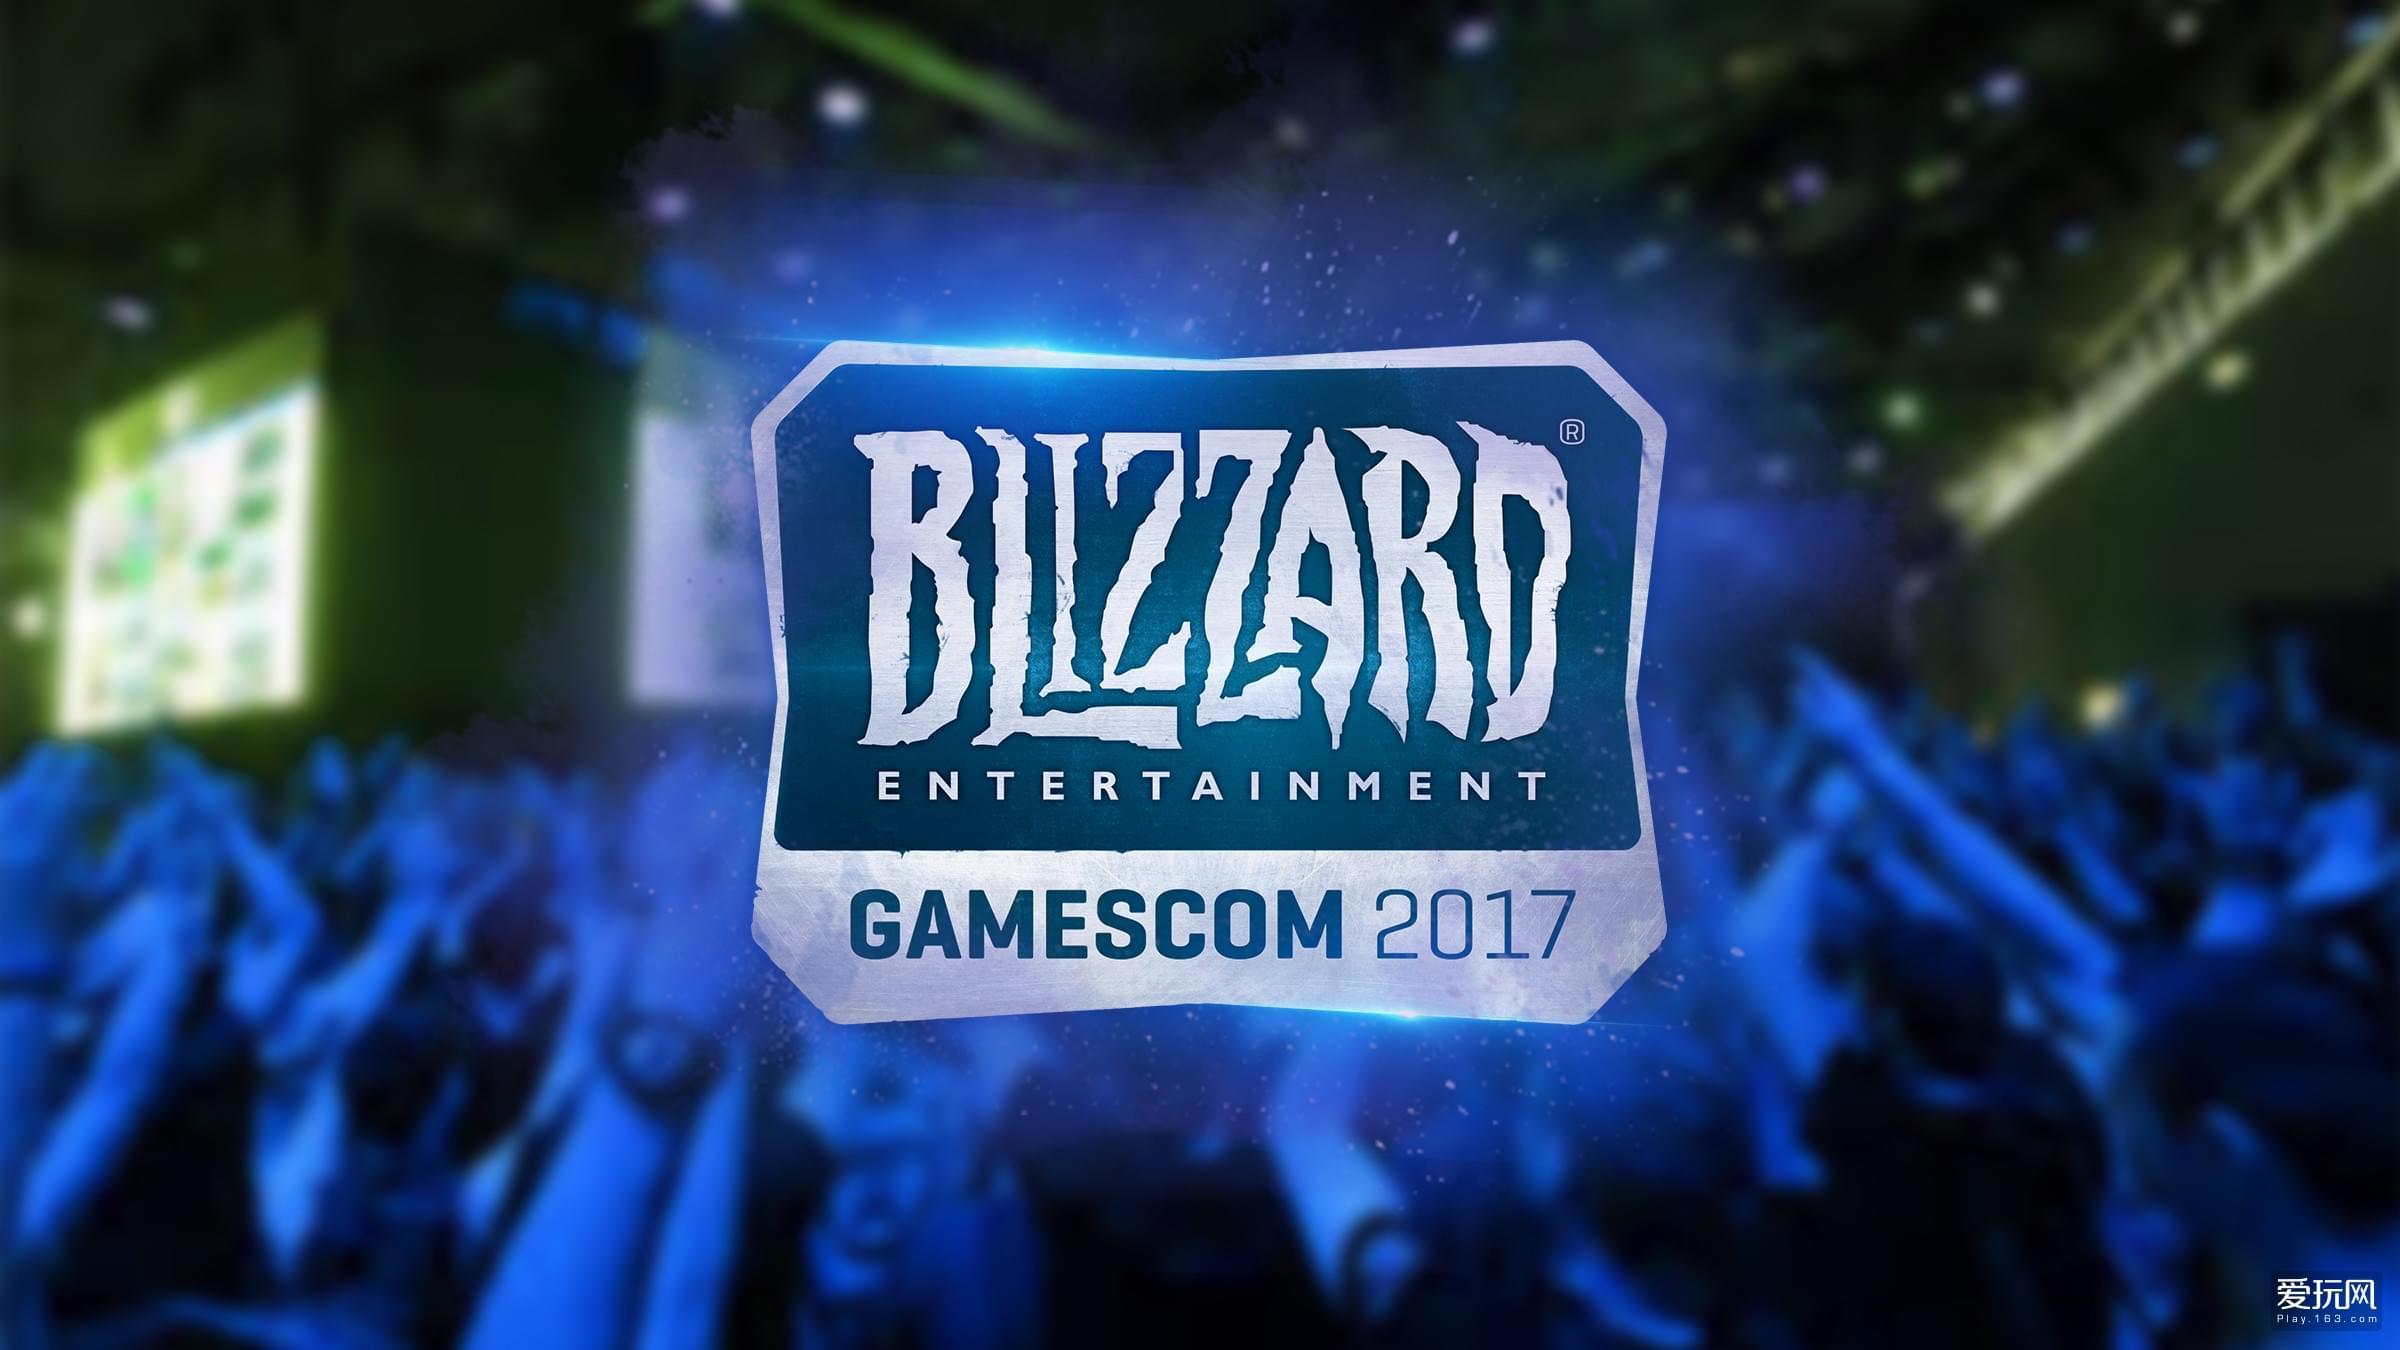 暴雪科隆游戏展2017内容预告:OW新动画将发布